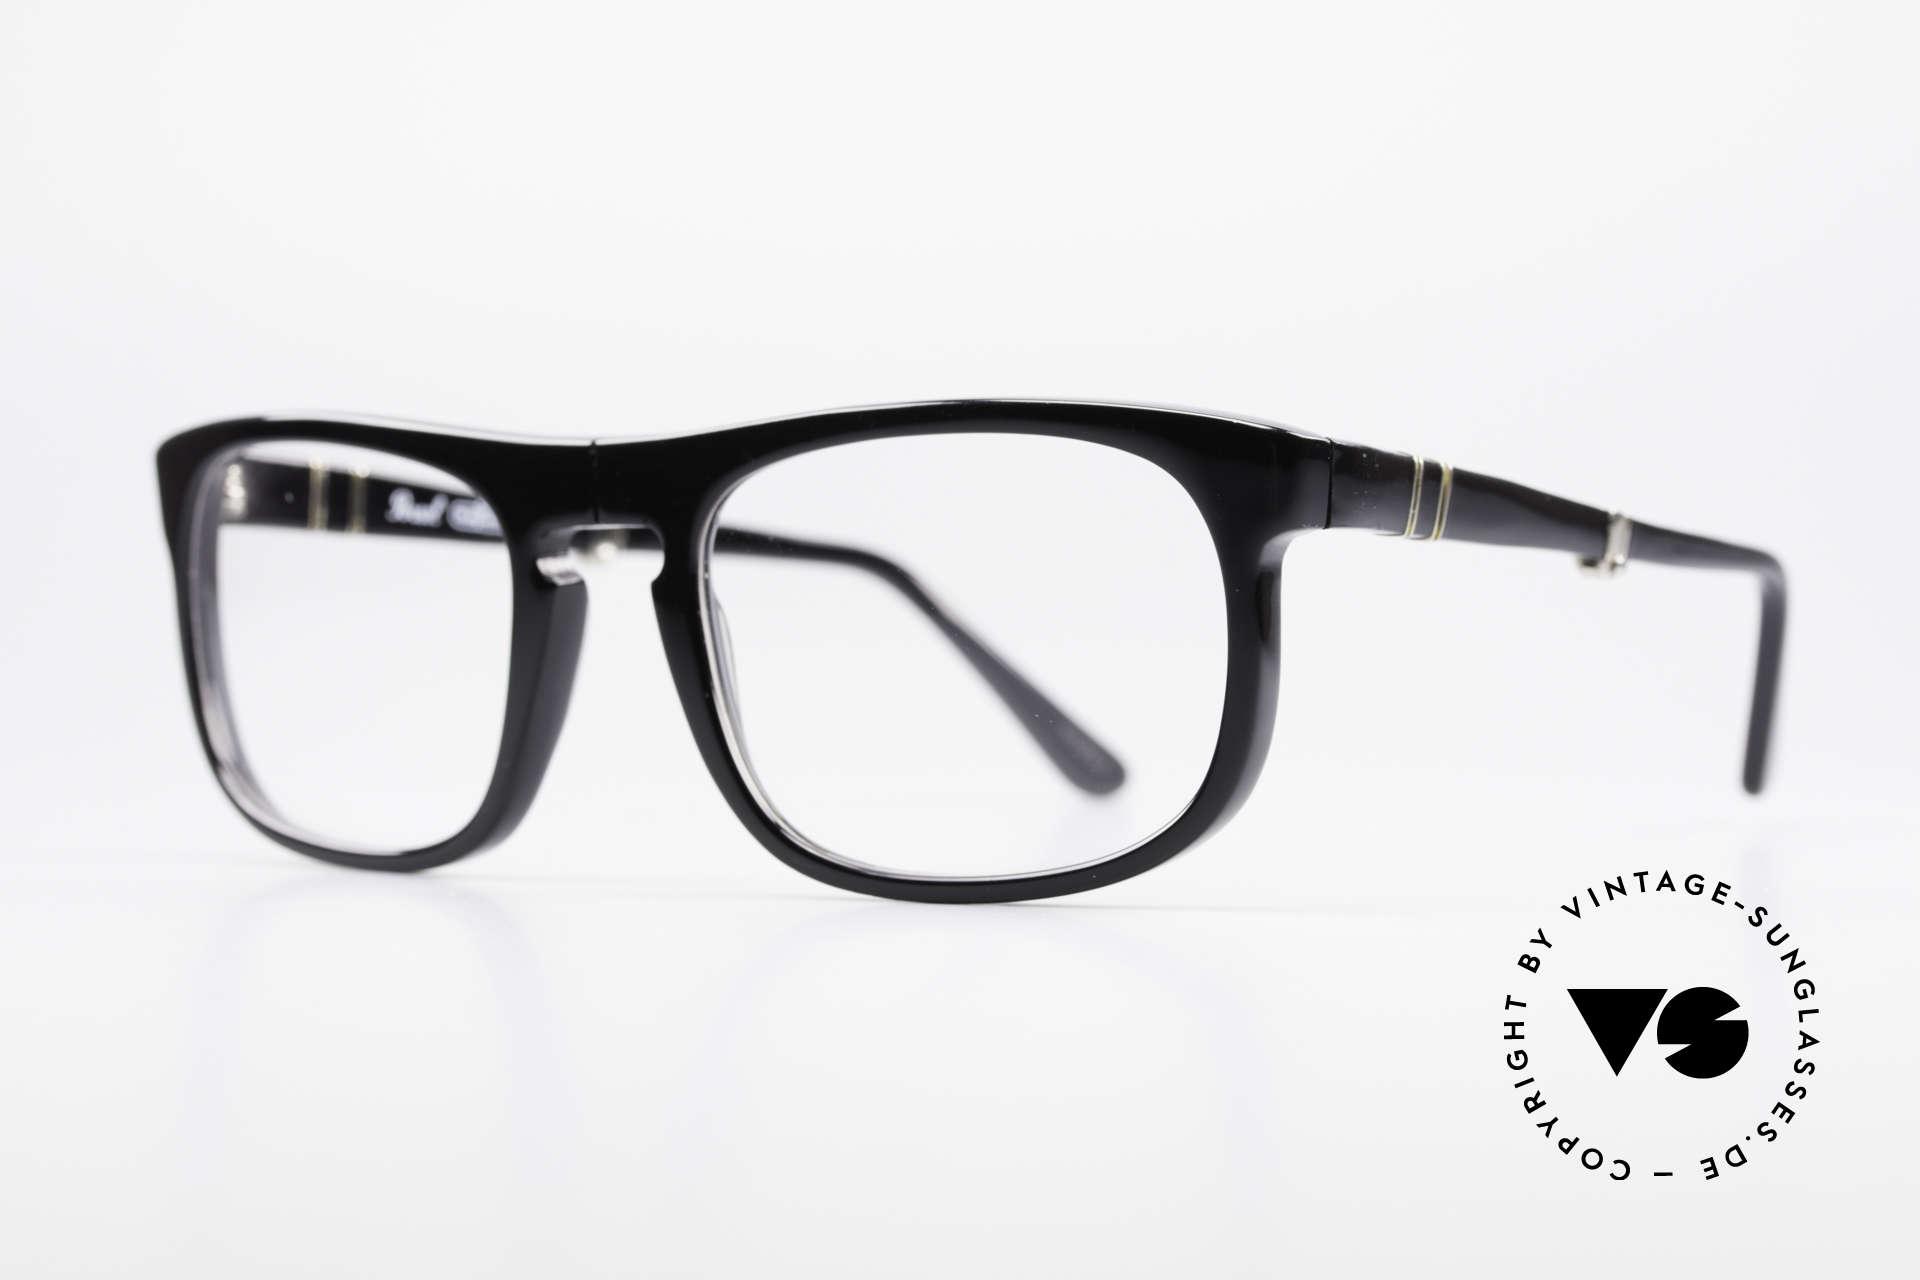 Persol Ratti 807 Folding True Vintage Faltbrille, alte Designer-Brillenfassung aus der RATTI Manufaktur, Passend für Herren